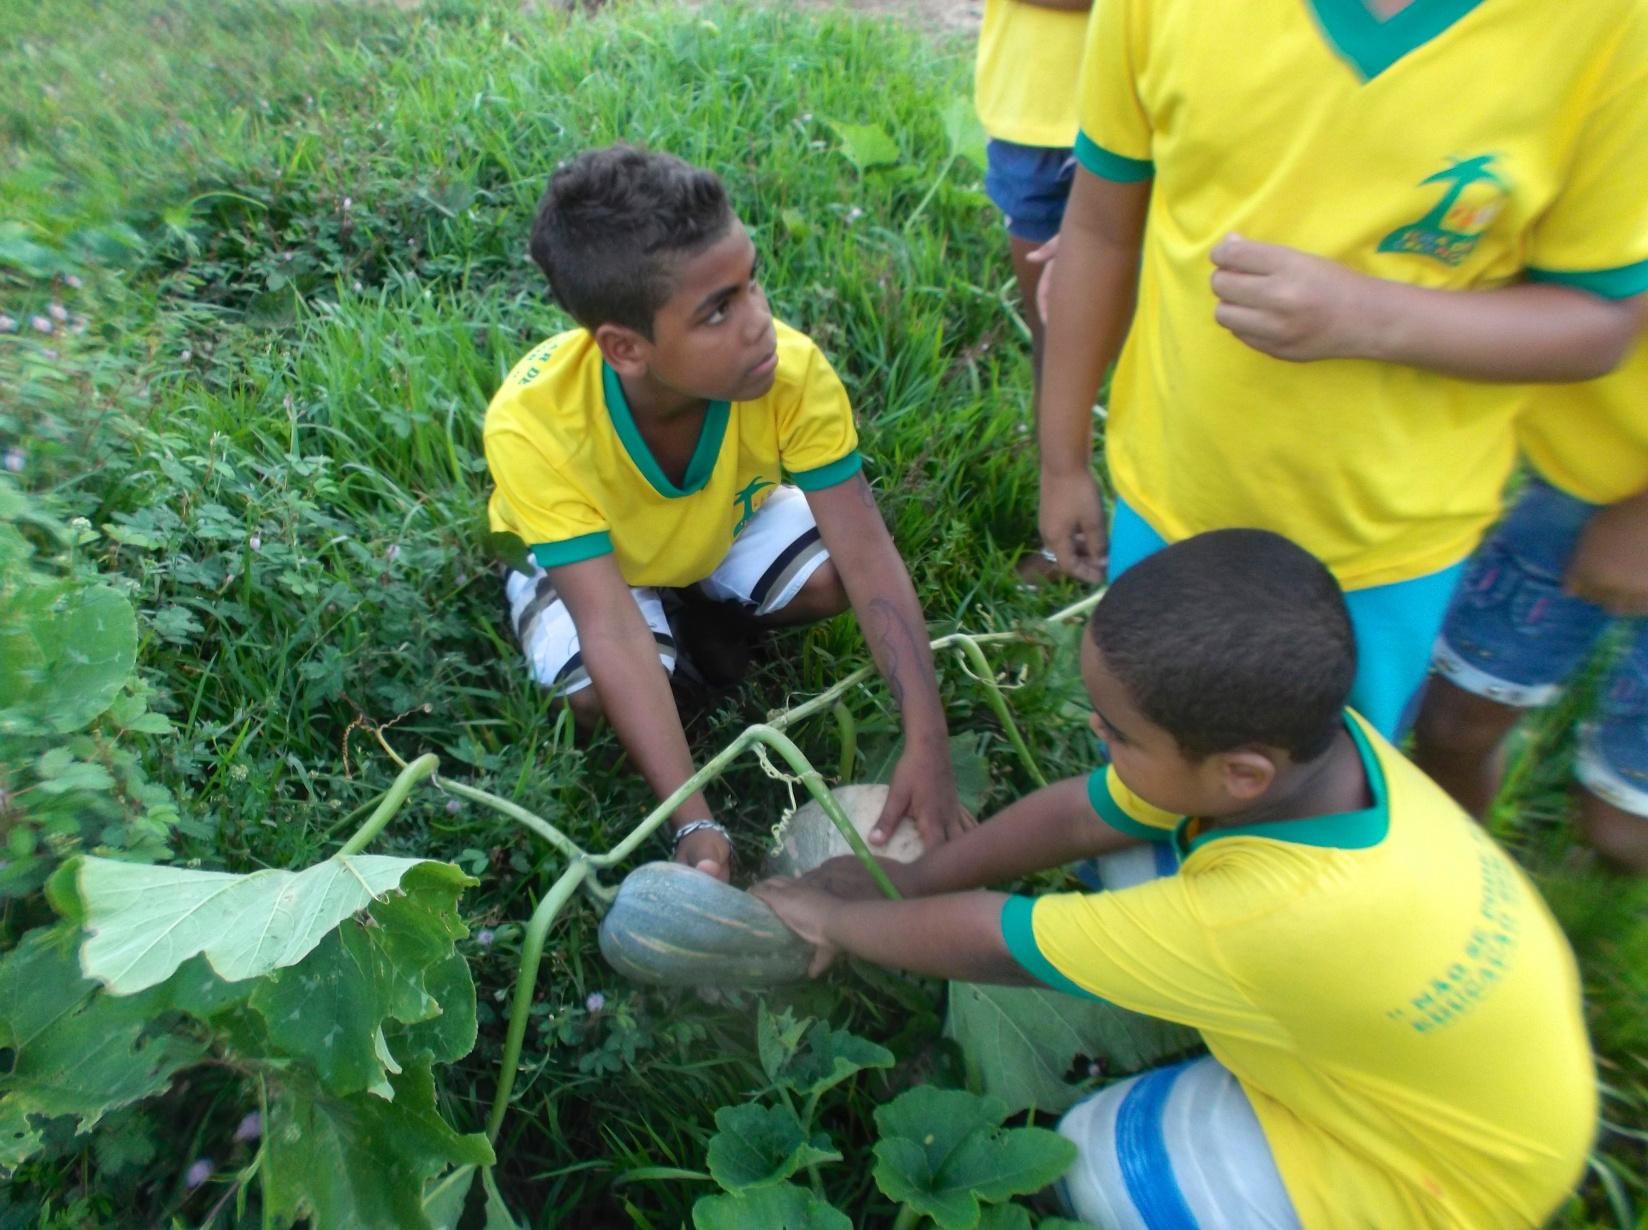 Wir bauen unser eigenes Obst und Gemüse an